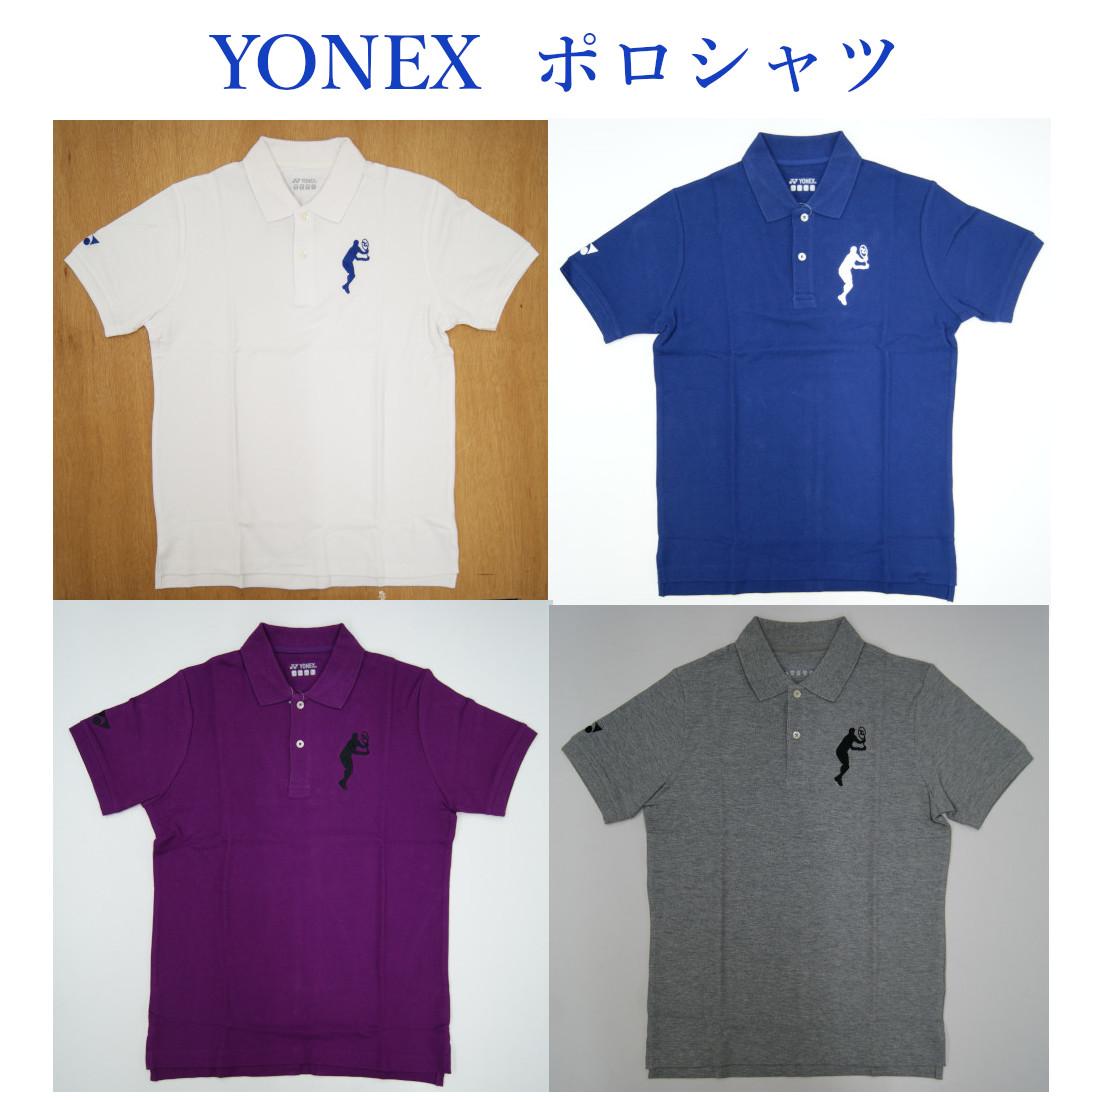 特別価格 返品 交換不可 ヨネックス 限定 ポロシャツ ワウリンカデザイン UNI 12152Y テニス ゆうパケット対応 ウェア 半袖 2016SS ユニセックス アウトレット YONEX 10%OFF 新品